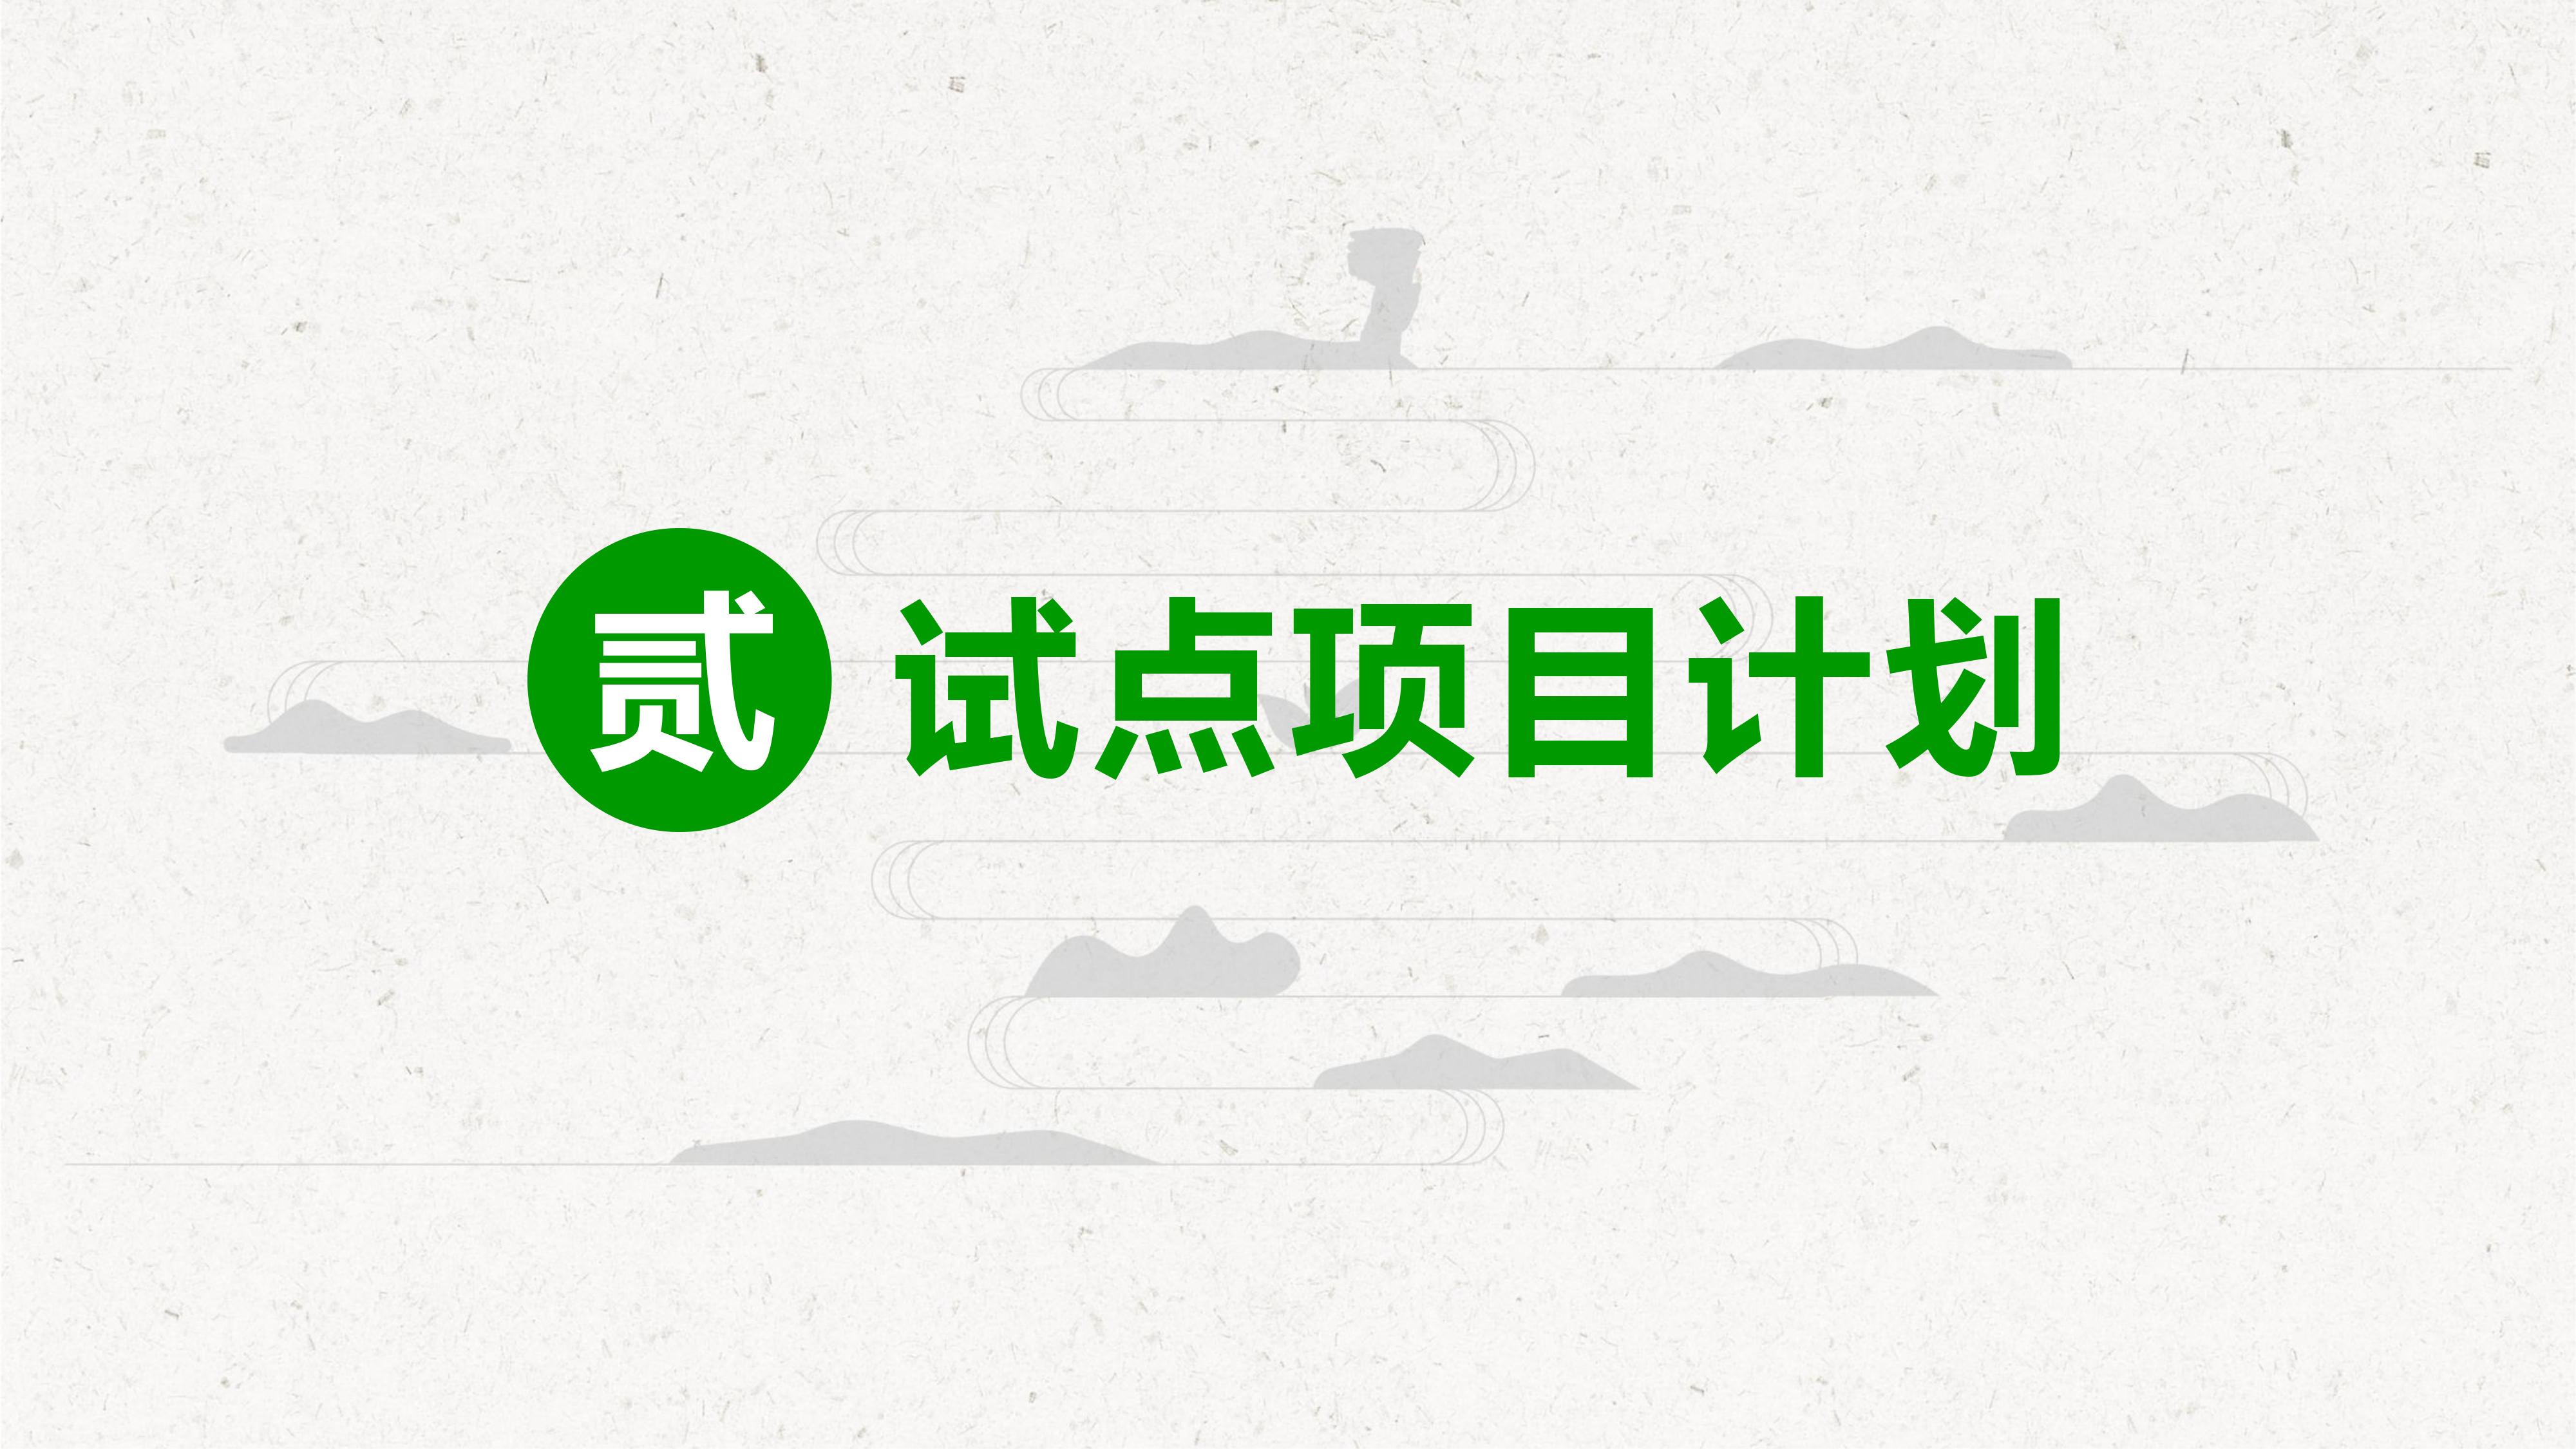 一平米希望(1210广协定稿)-15.jpg